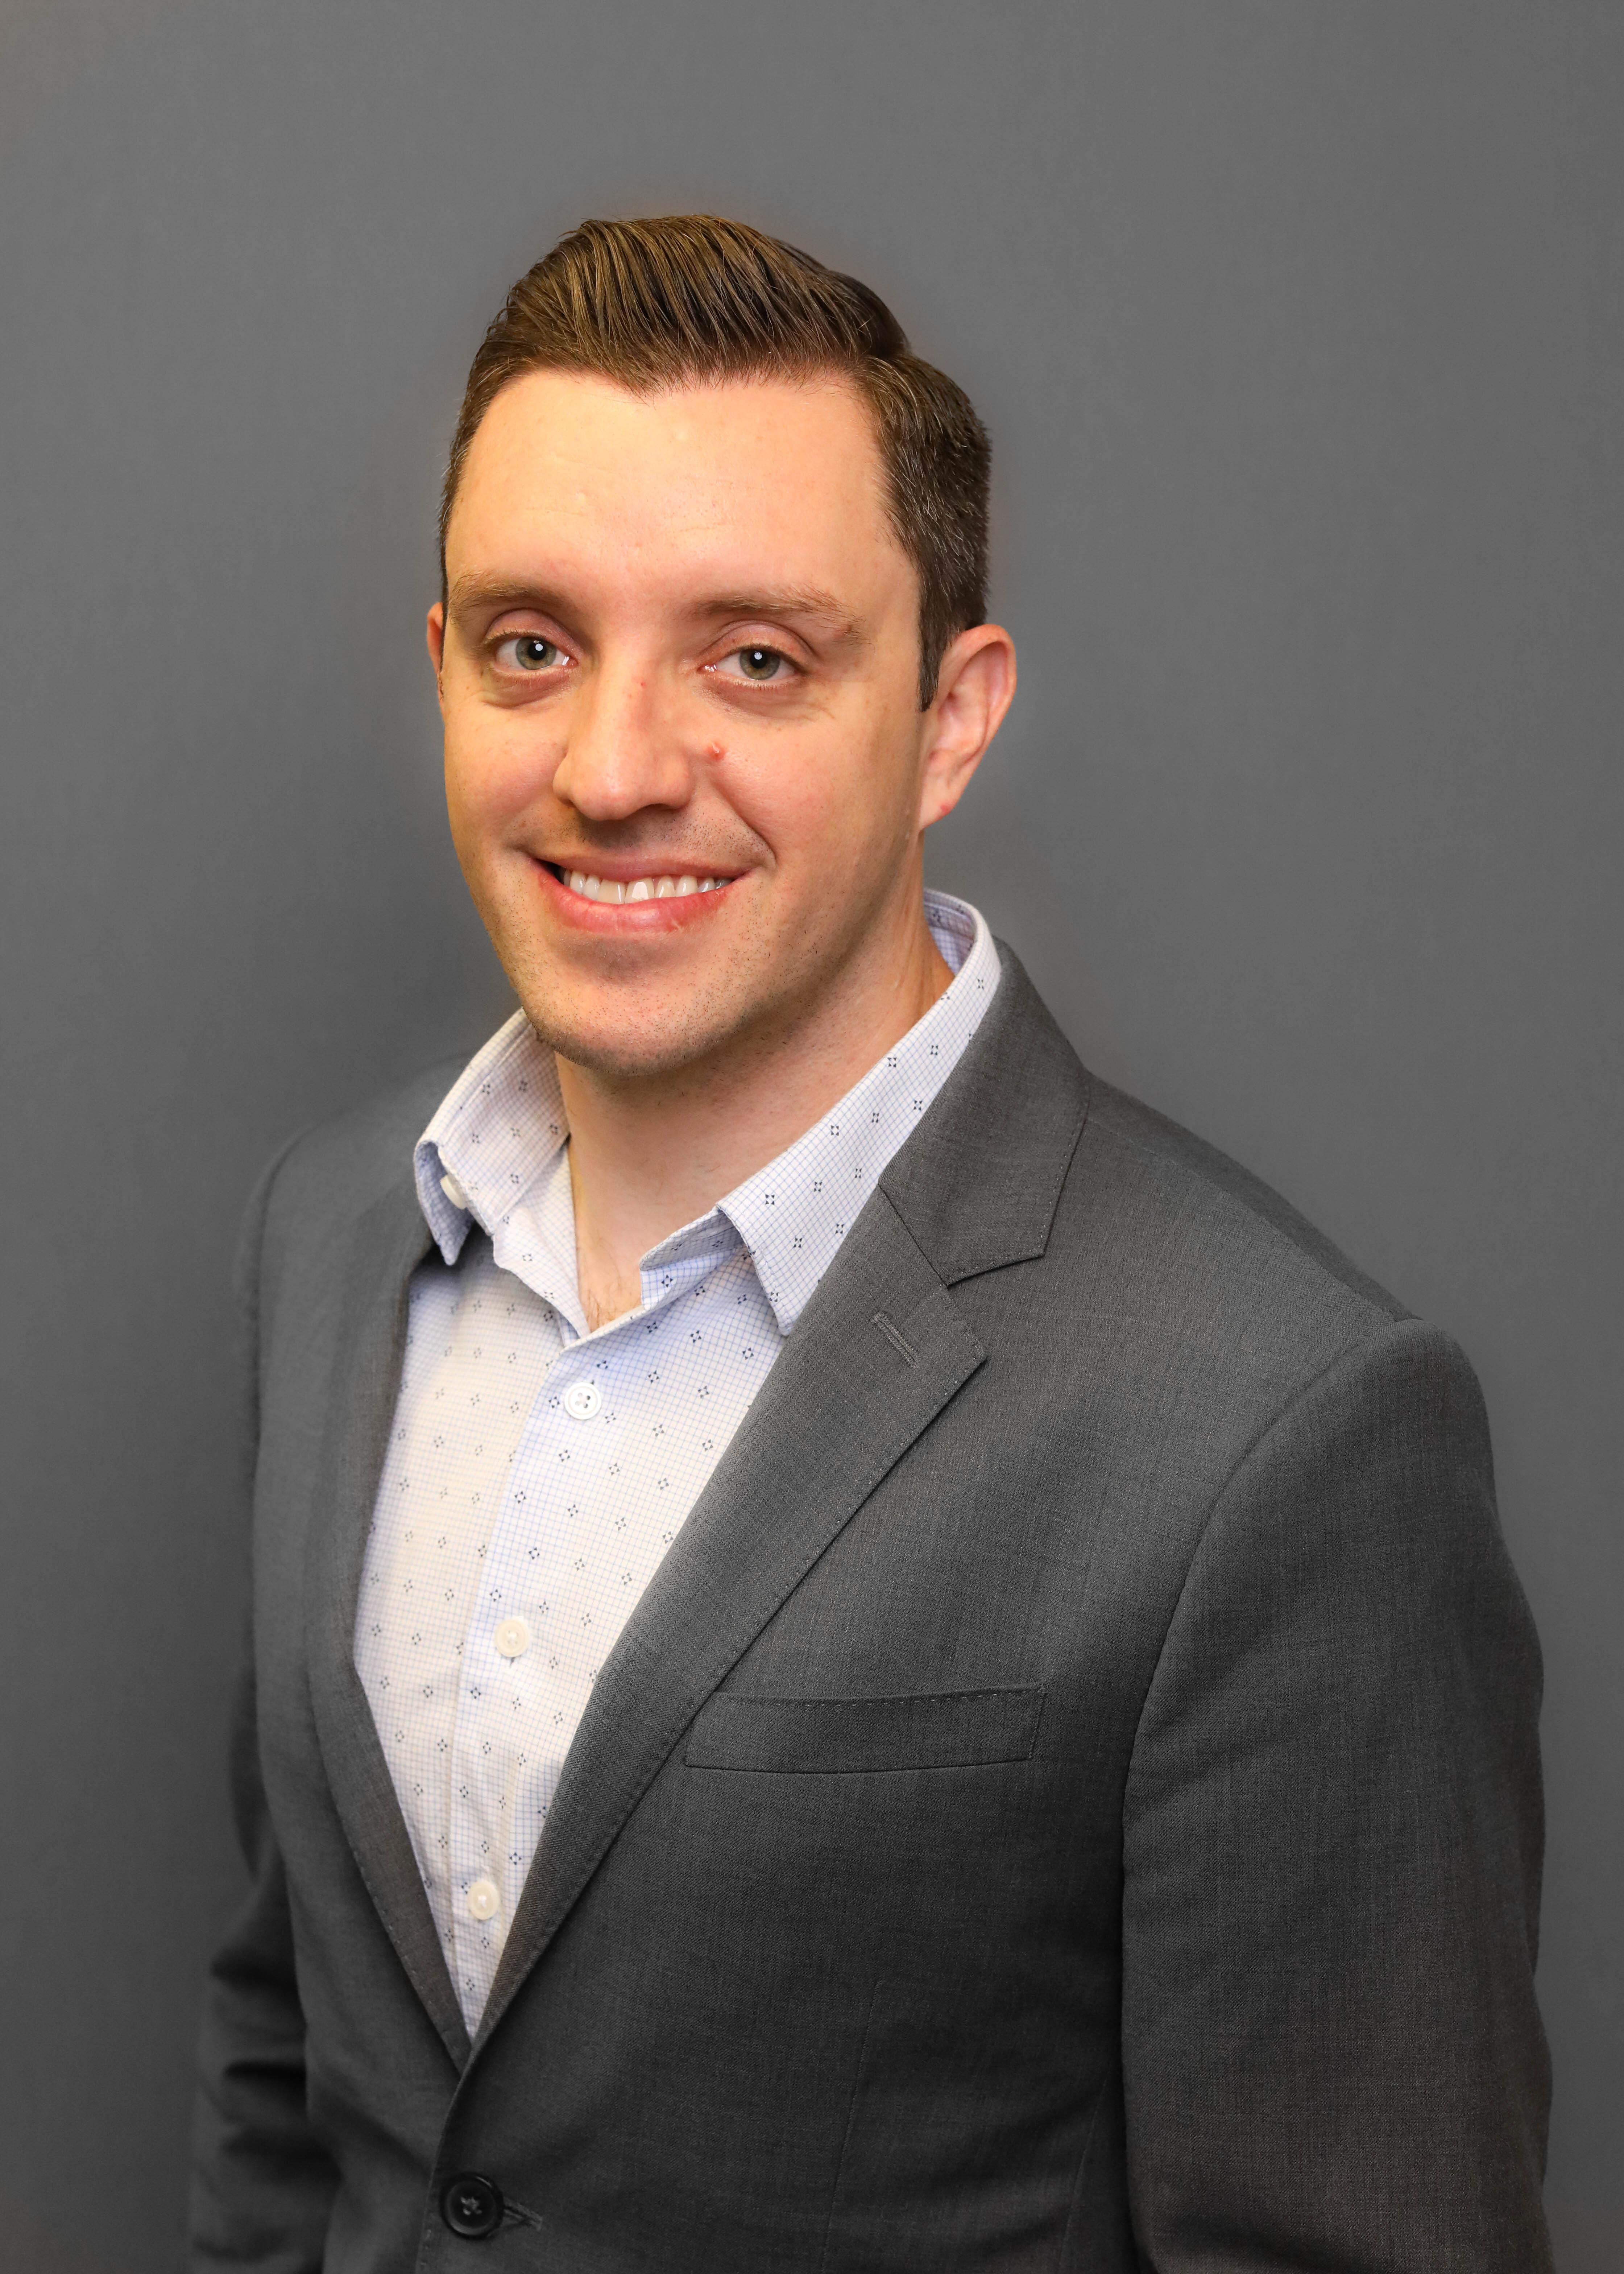 Zach Bradford, CPA